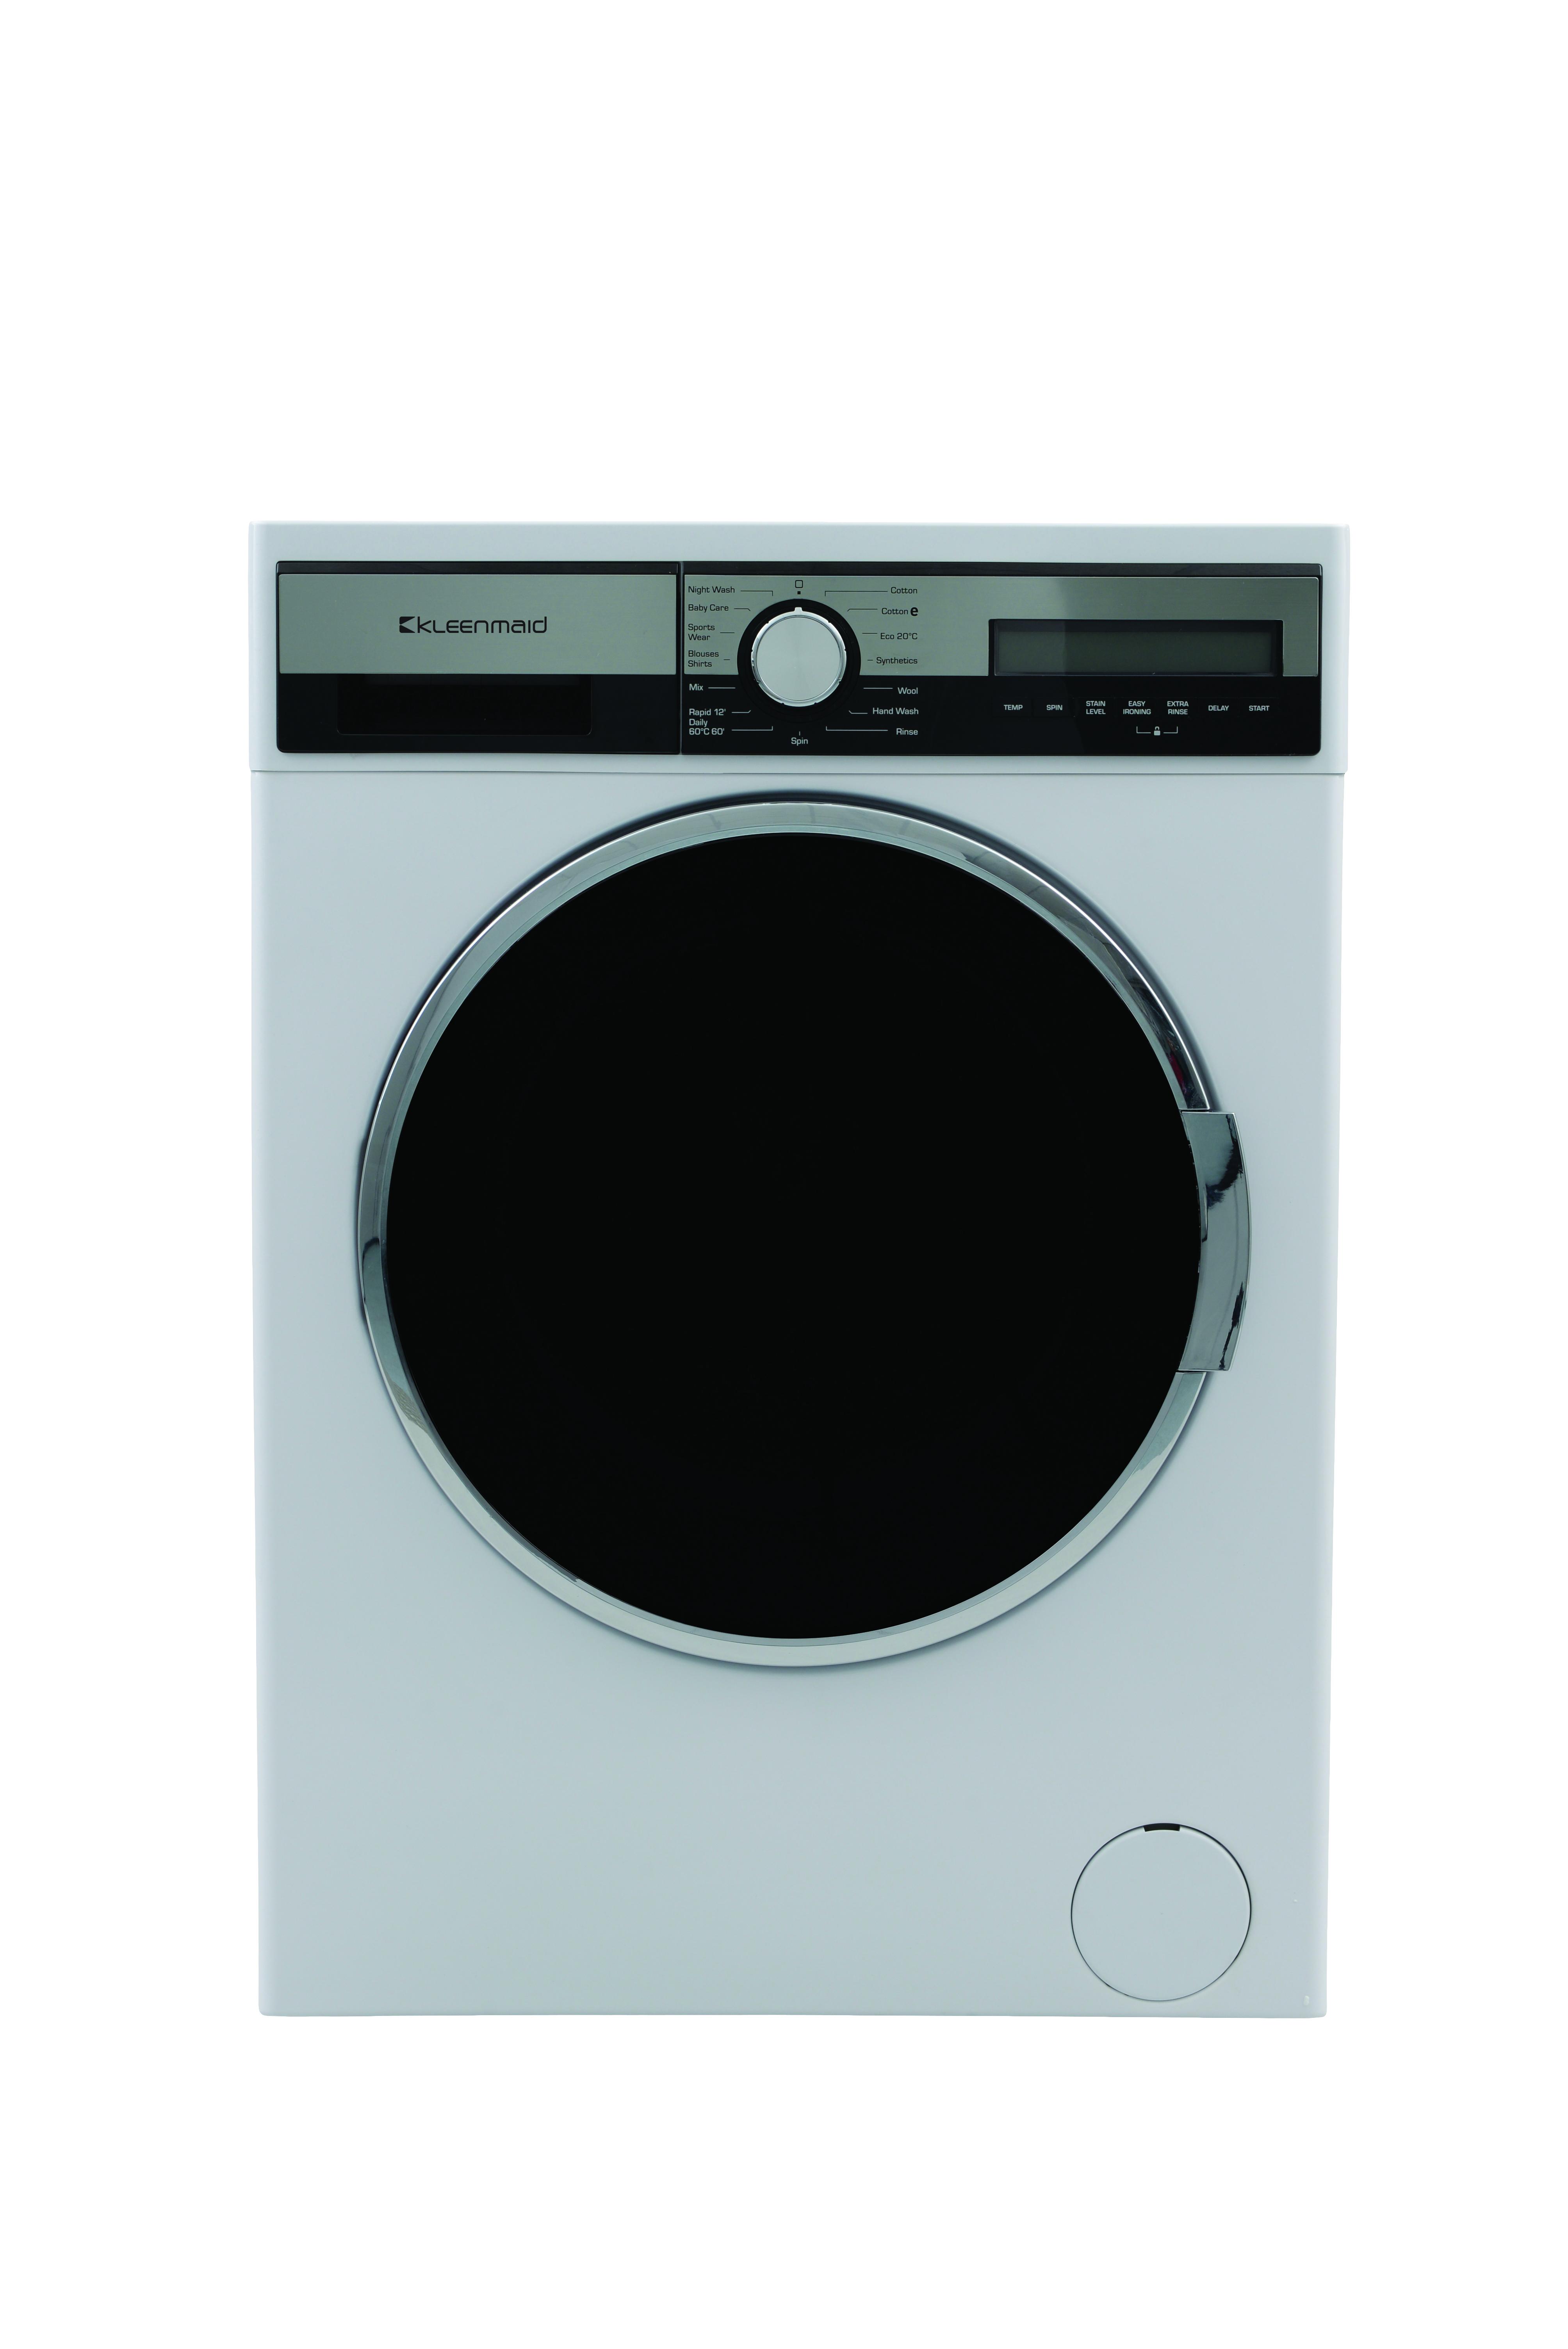 WRG-6653] Kleenmaid Washing Machine Wiring Diagram on